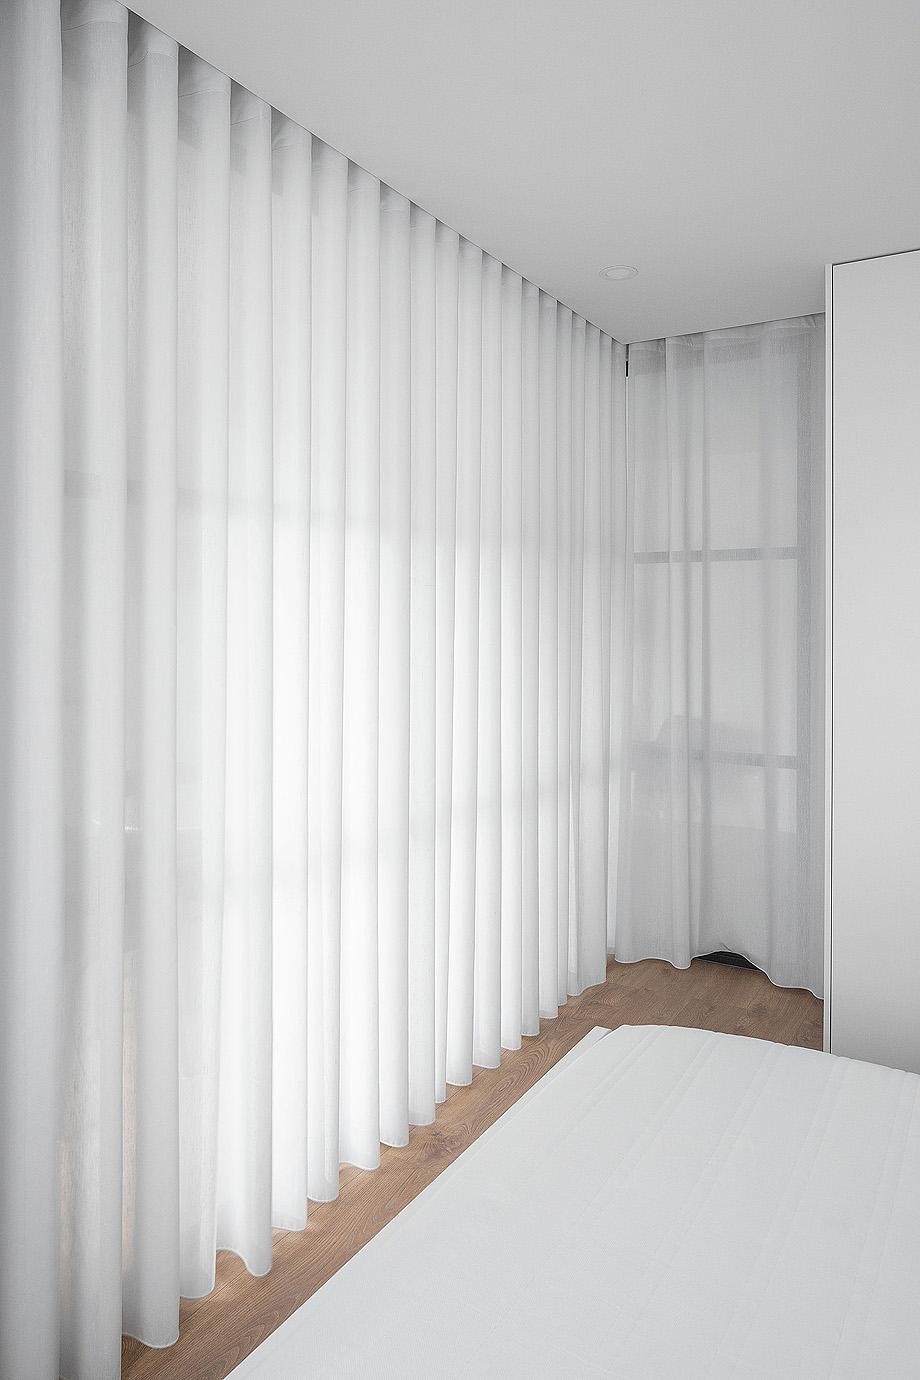 Apartamento de estudantes em Santa Cruz, Braga do Atelier de Arquitectura João Nuno Macedo Arquitecto com fotografia de arquitetura Ivo Tavares Studio